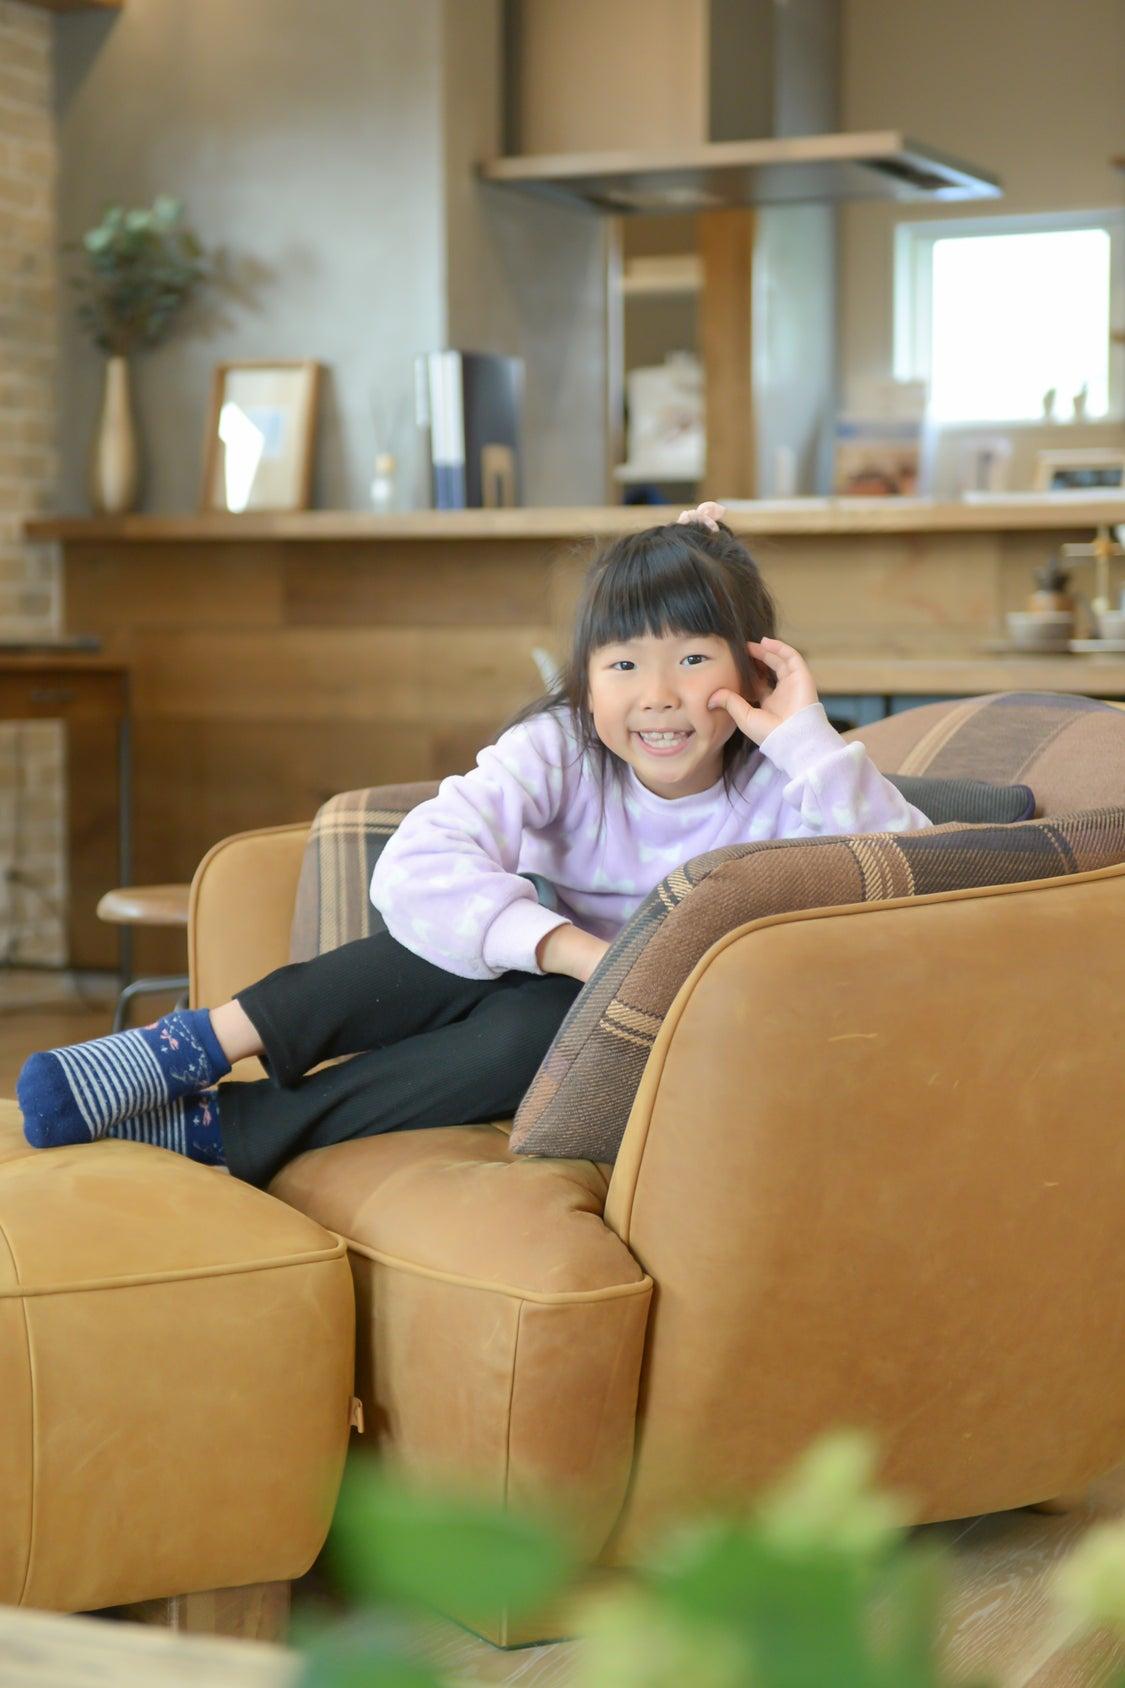 【受付開始!】2/29~家と暮らしの教室 カメラの上手な使い方@小田原市 新進建設モデルハウスの記事より